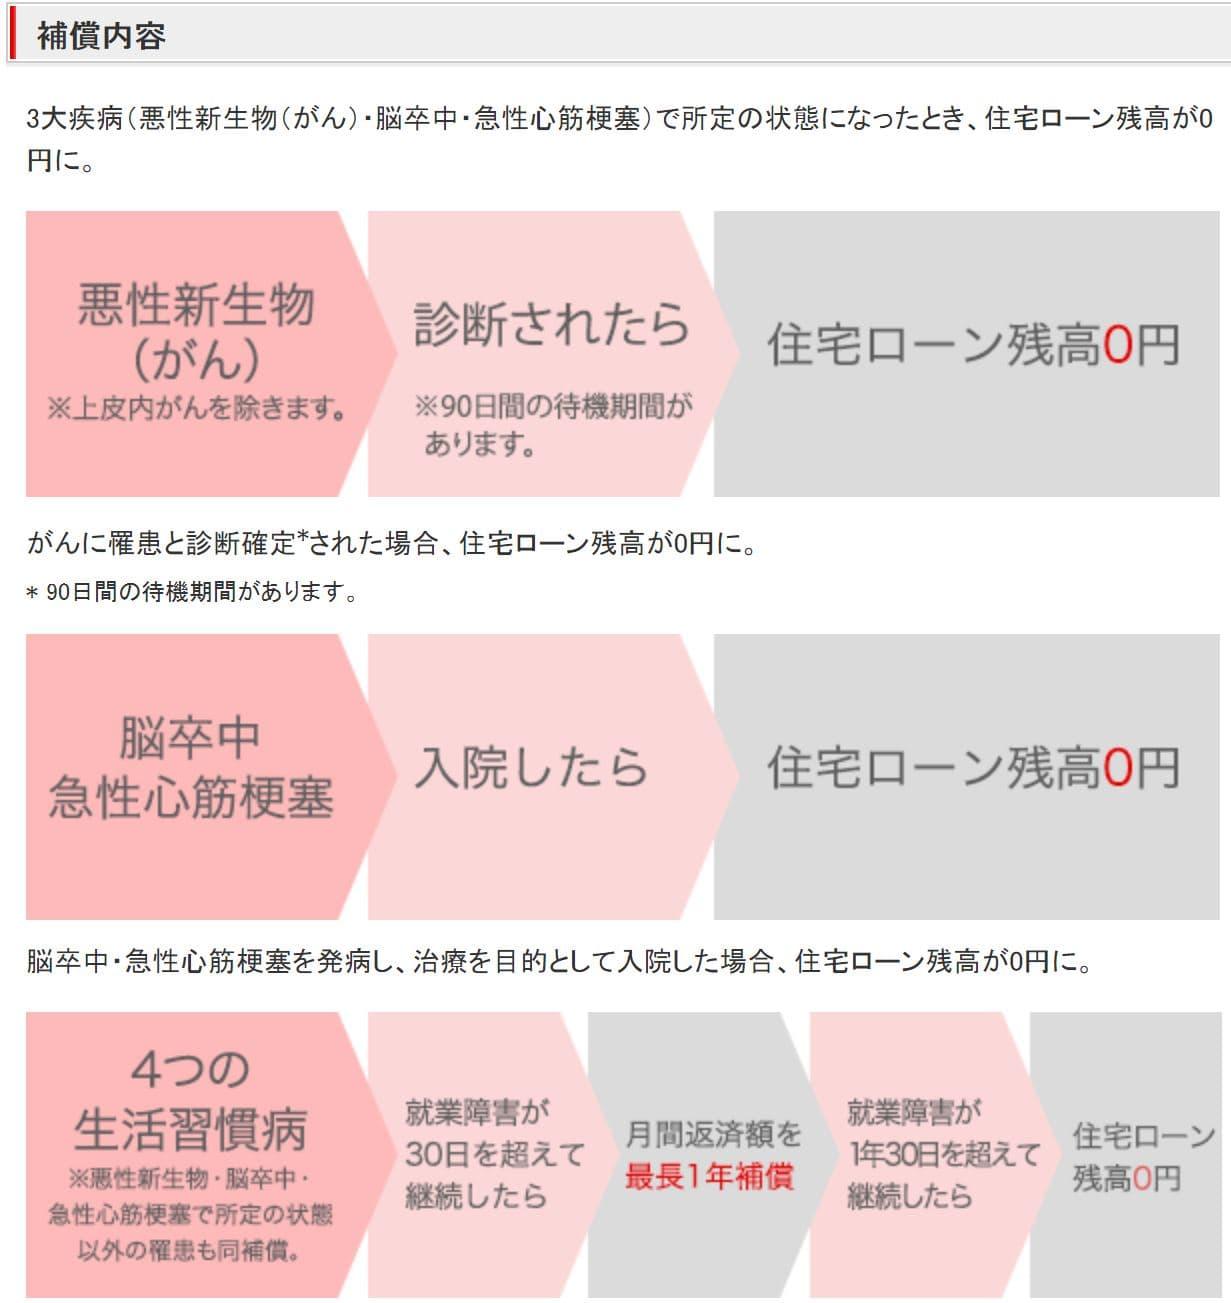 三菱UFJ銀行の3大疾病保障充実タイプの説明